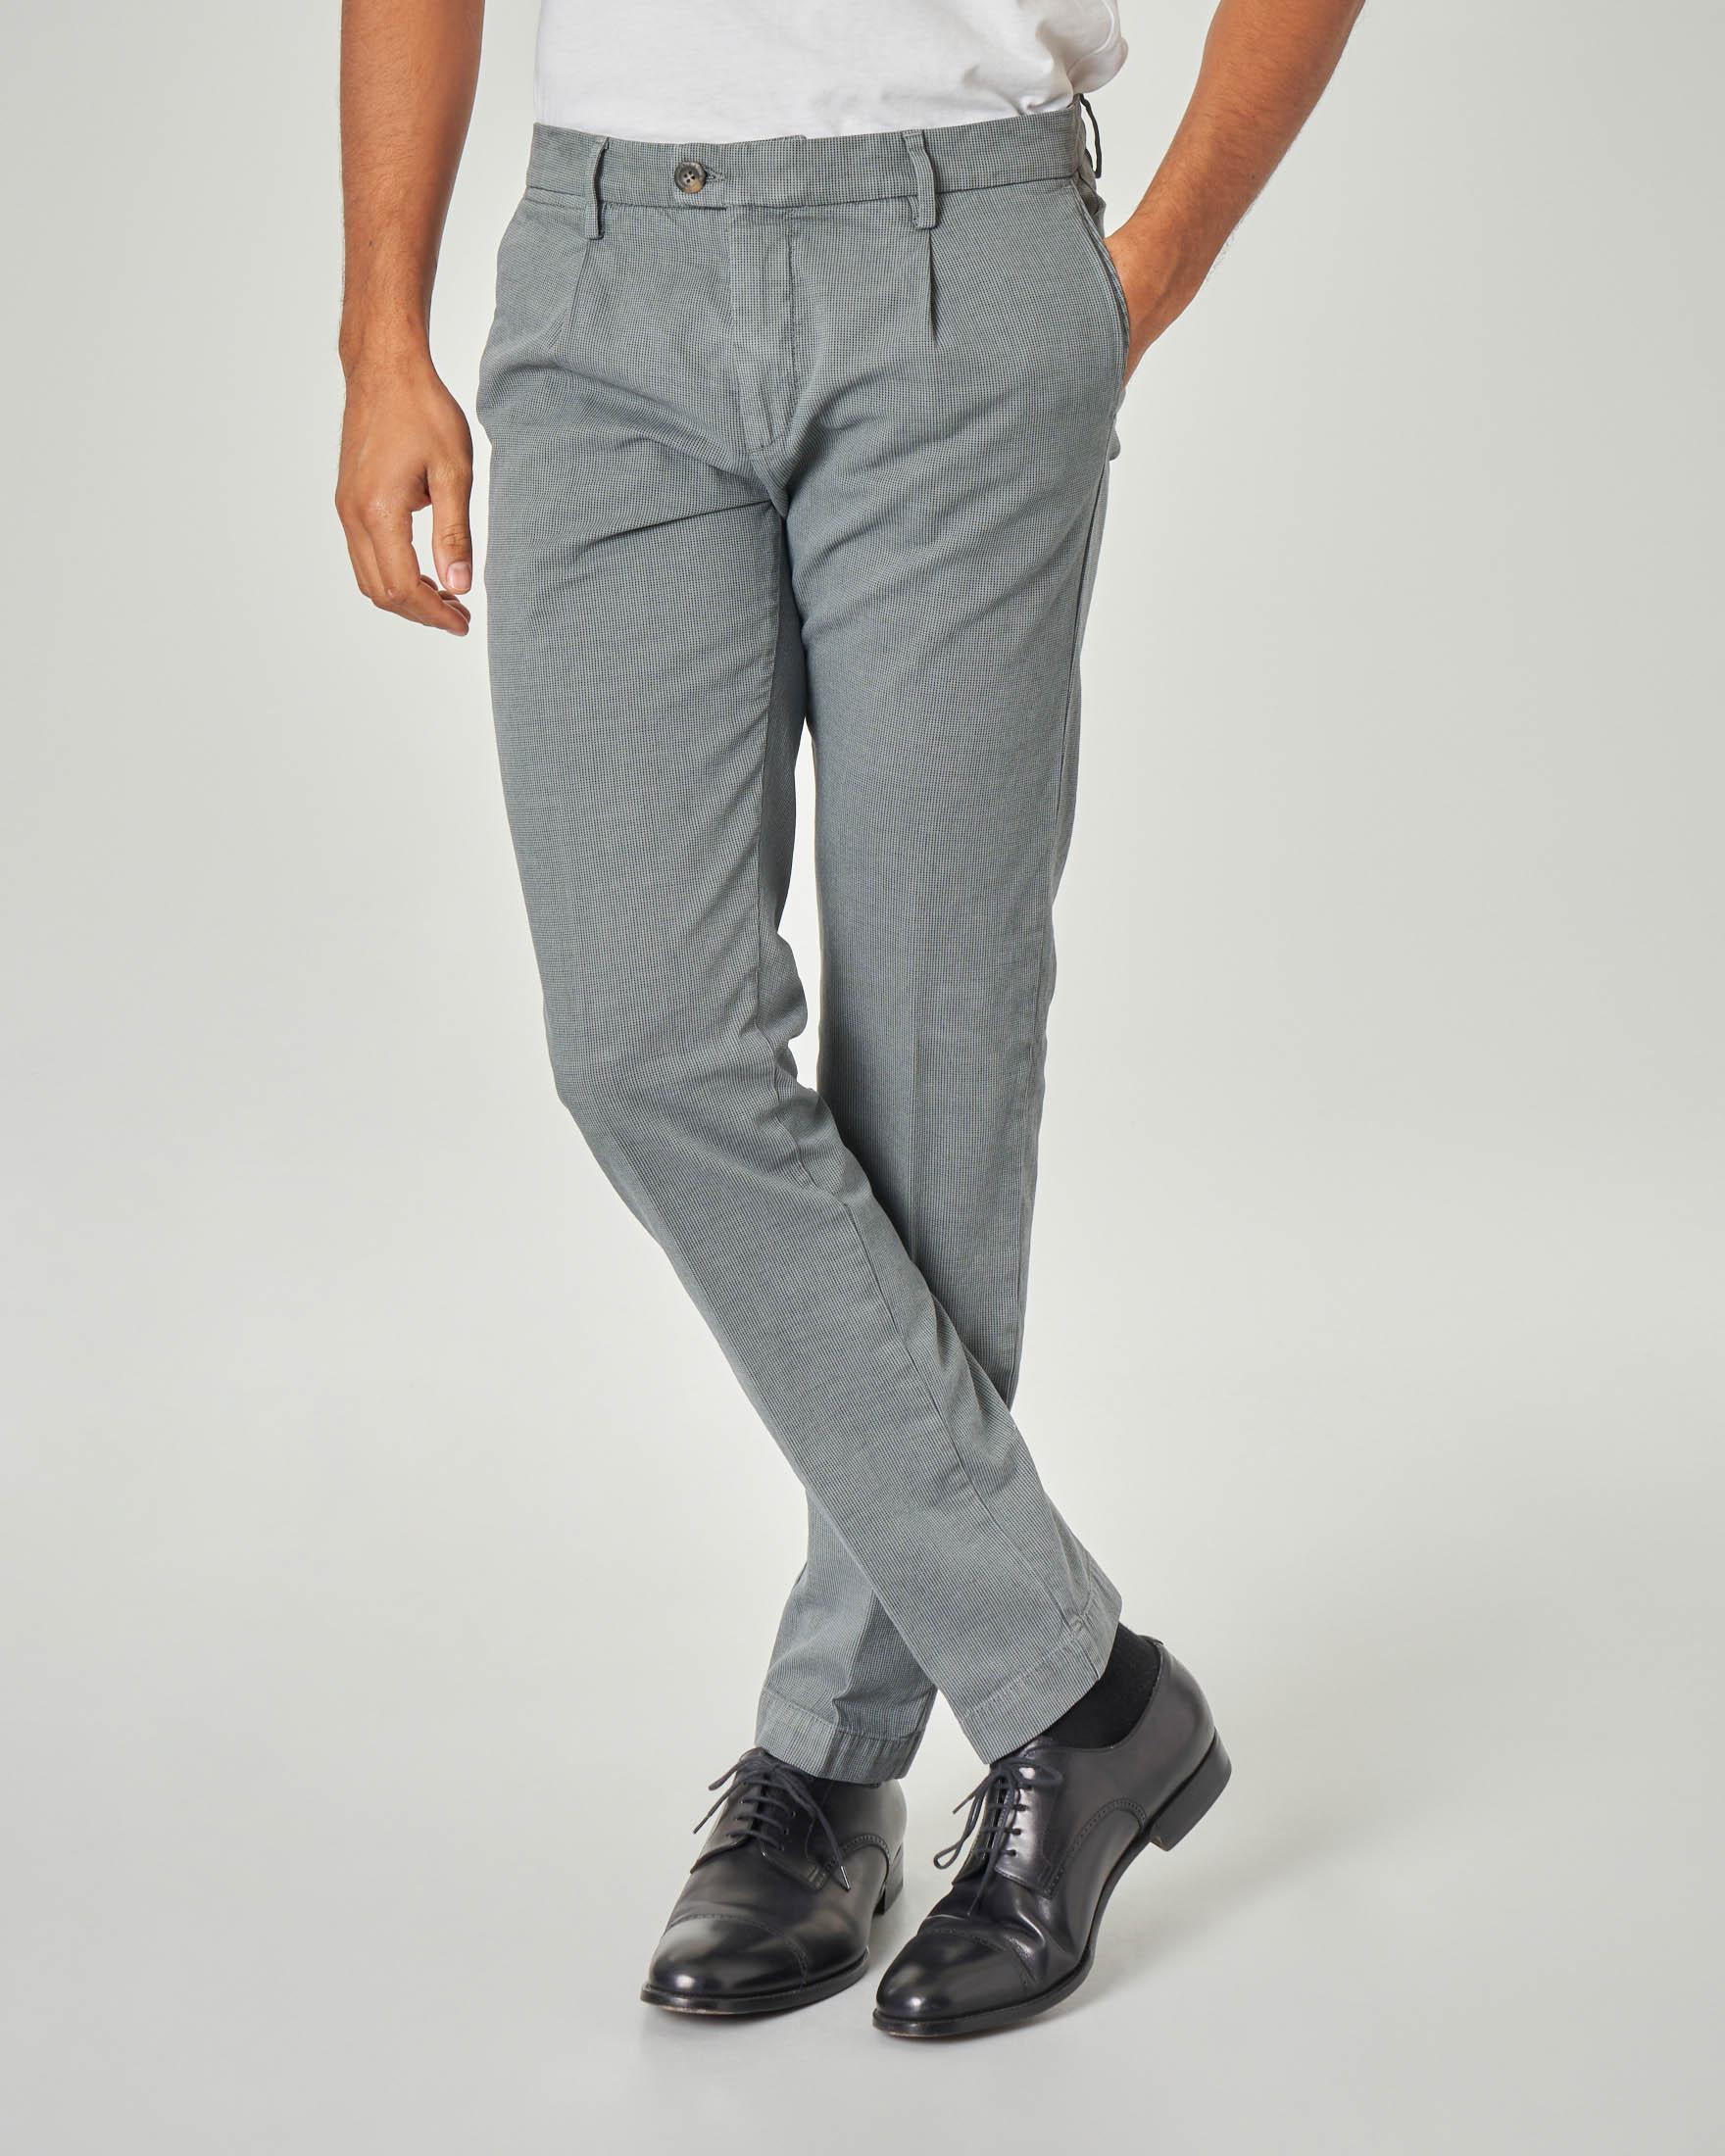 Pantalone chino grigio micro-fantasia con una pinces